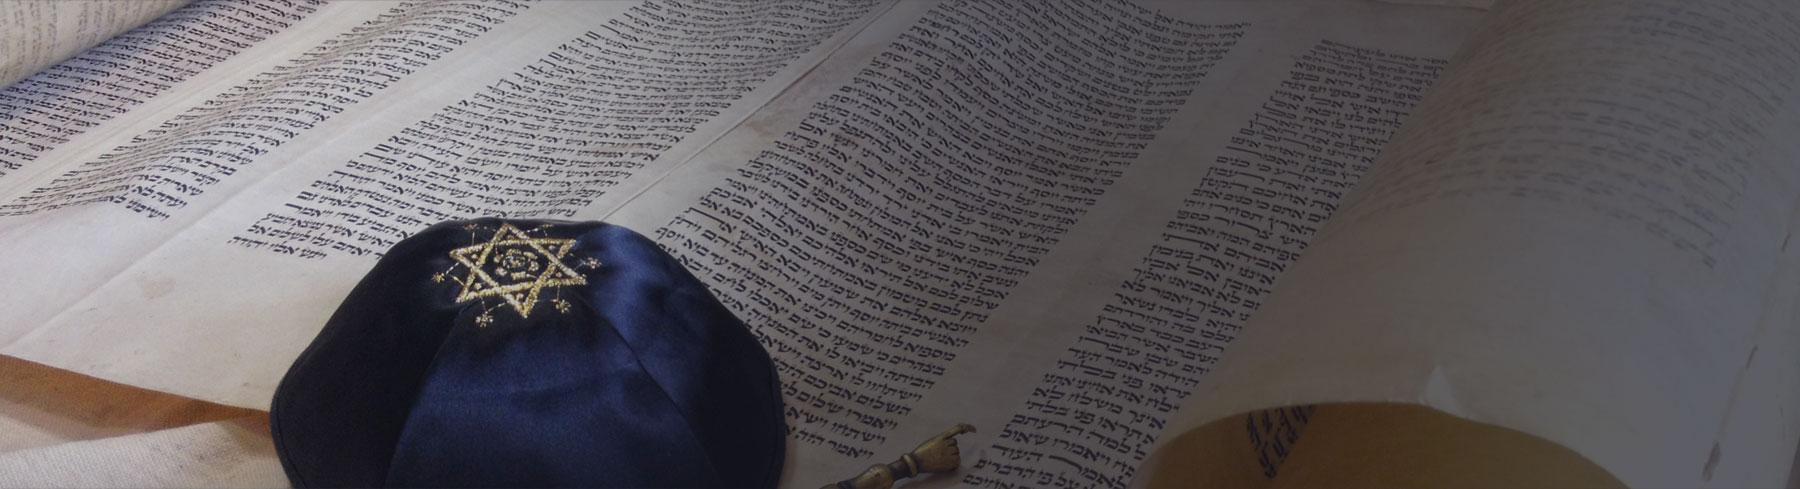 Yeshivah Studies